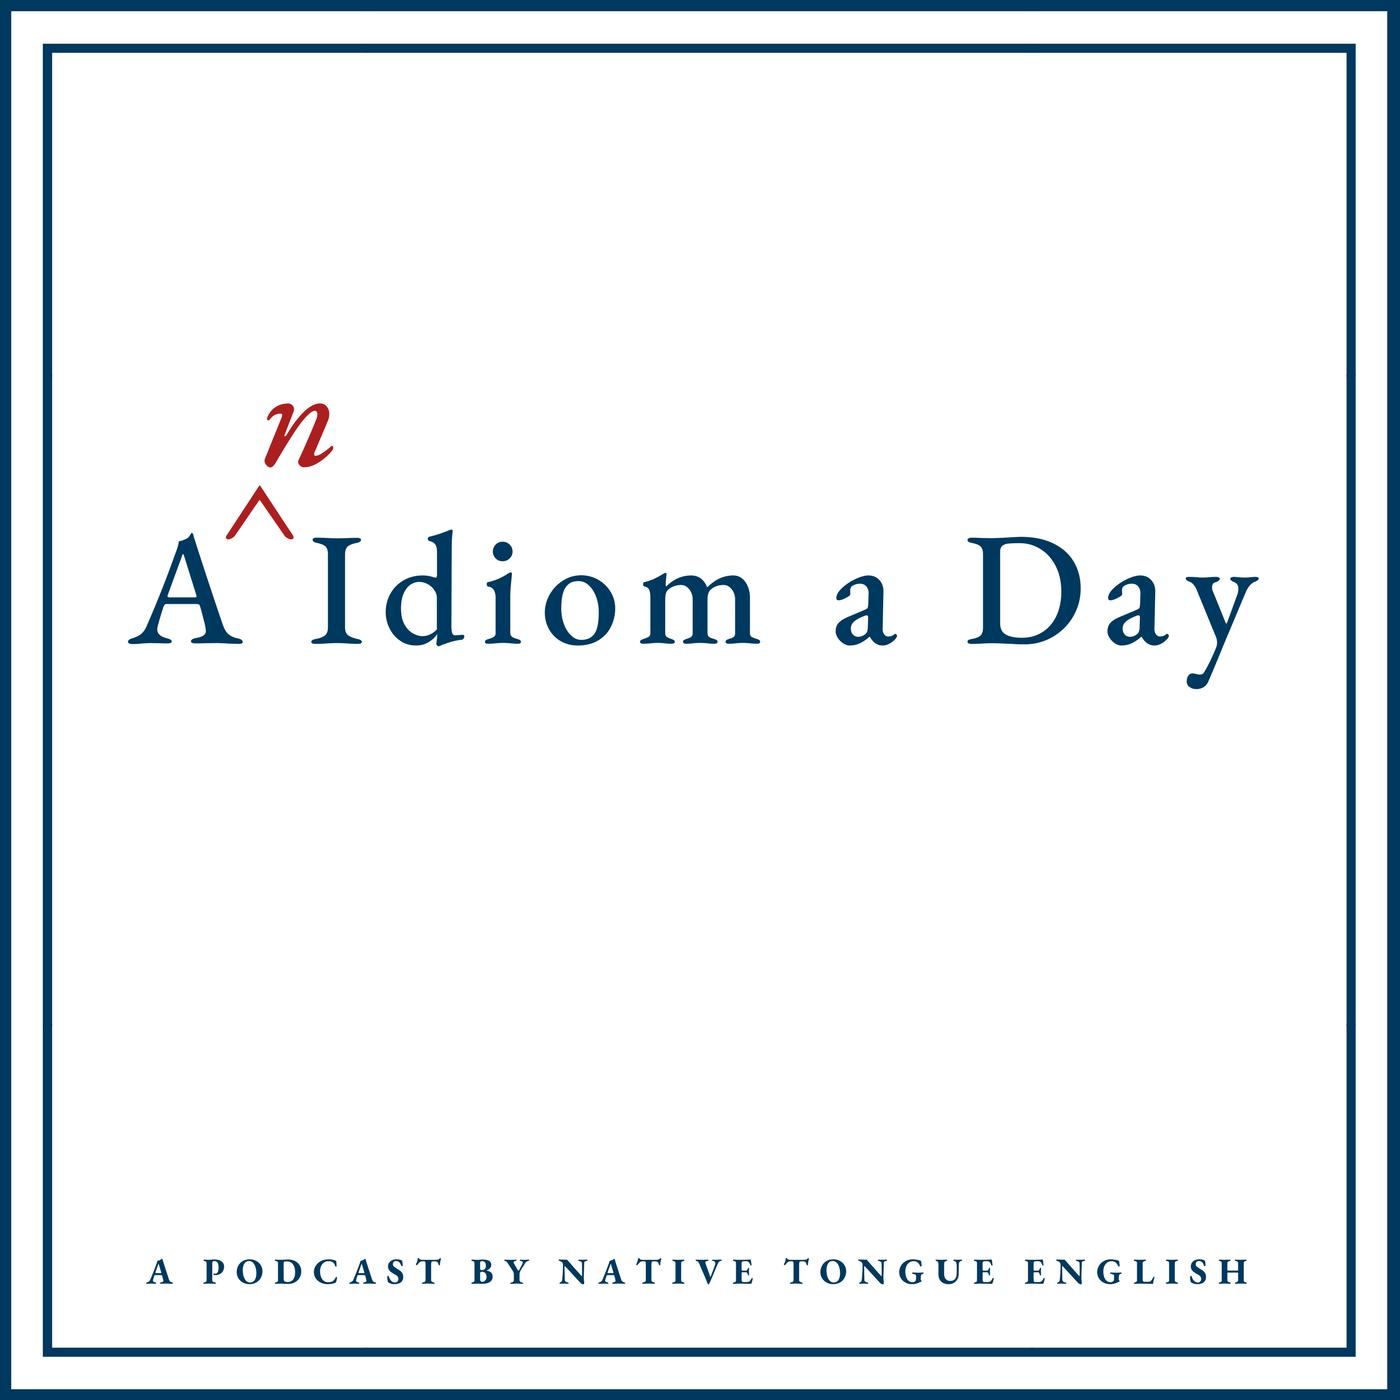 An Idiom a Day